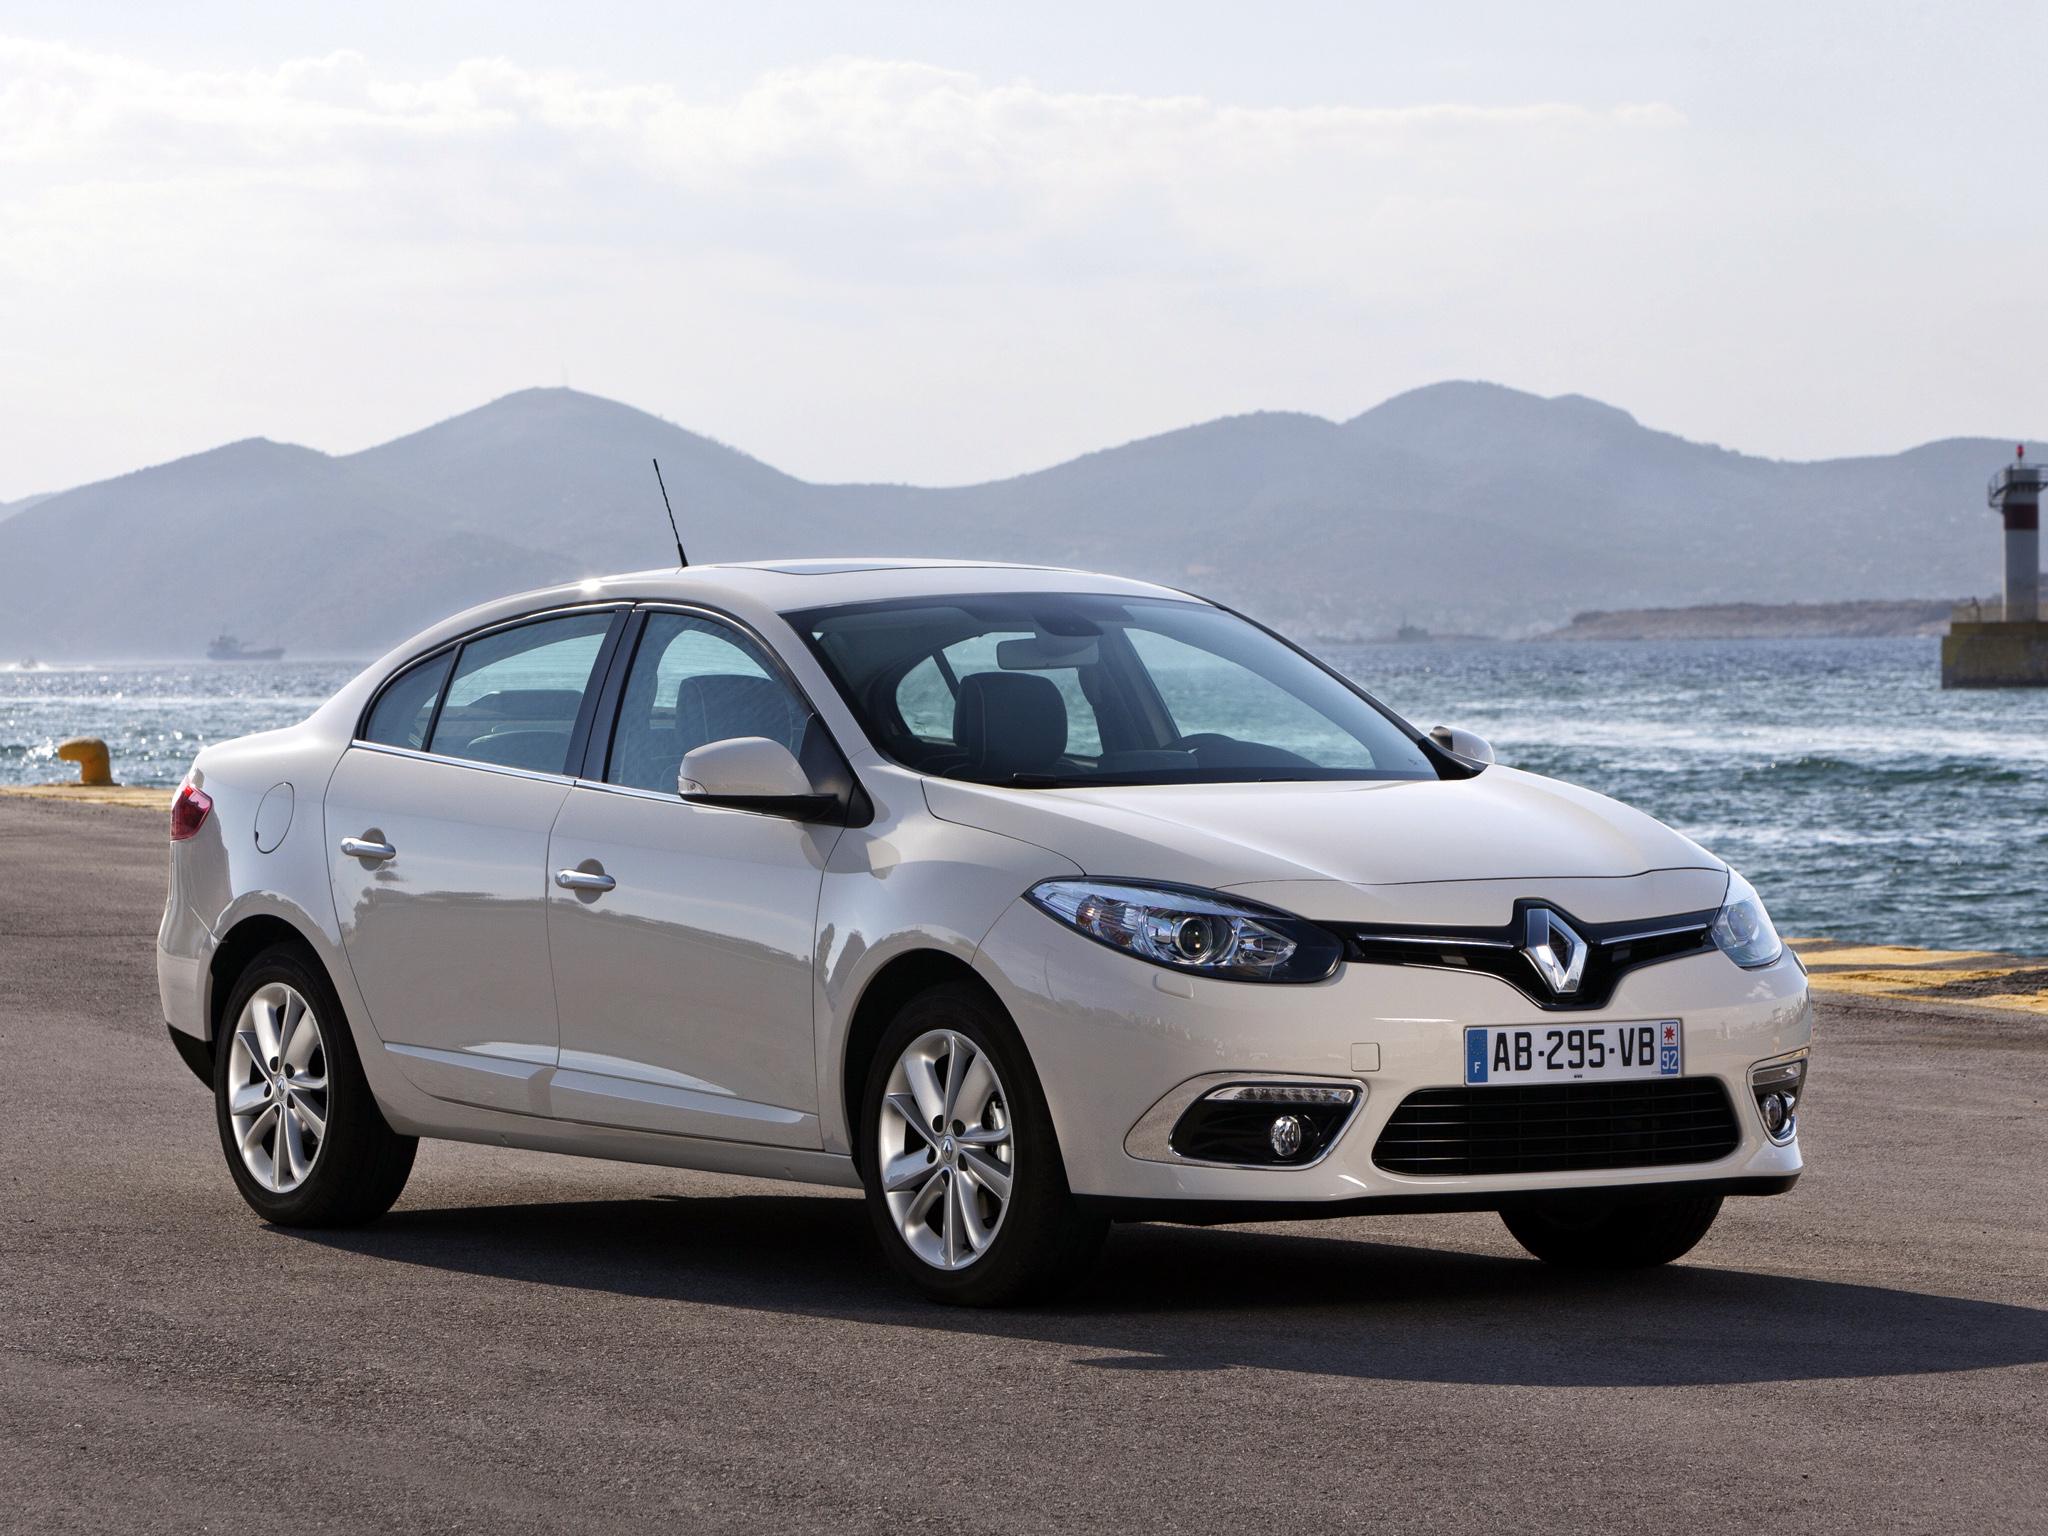 Что лучше: Kia Rio или Renault Fluence?